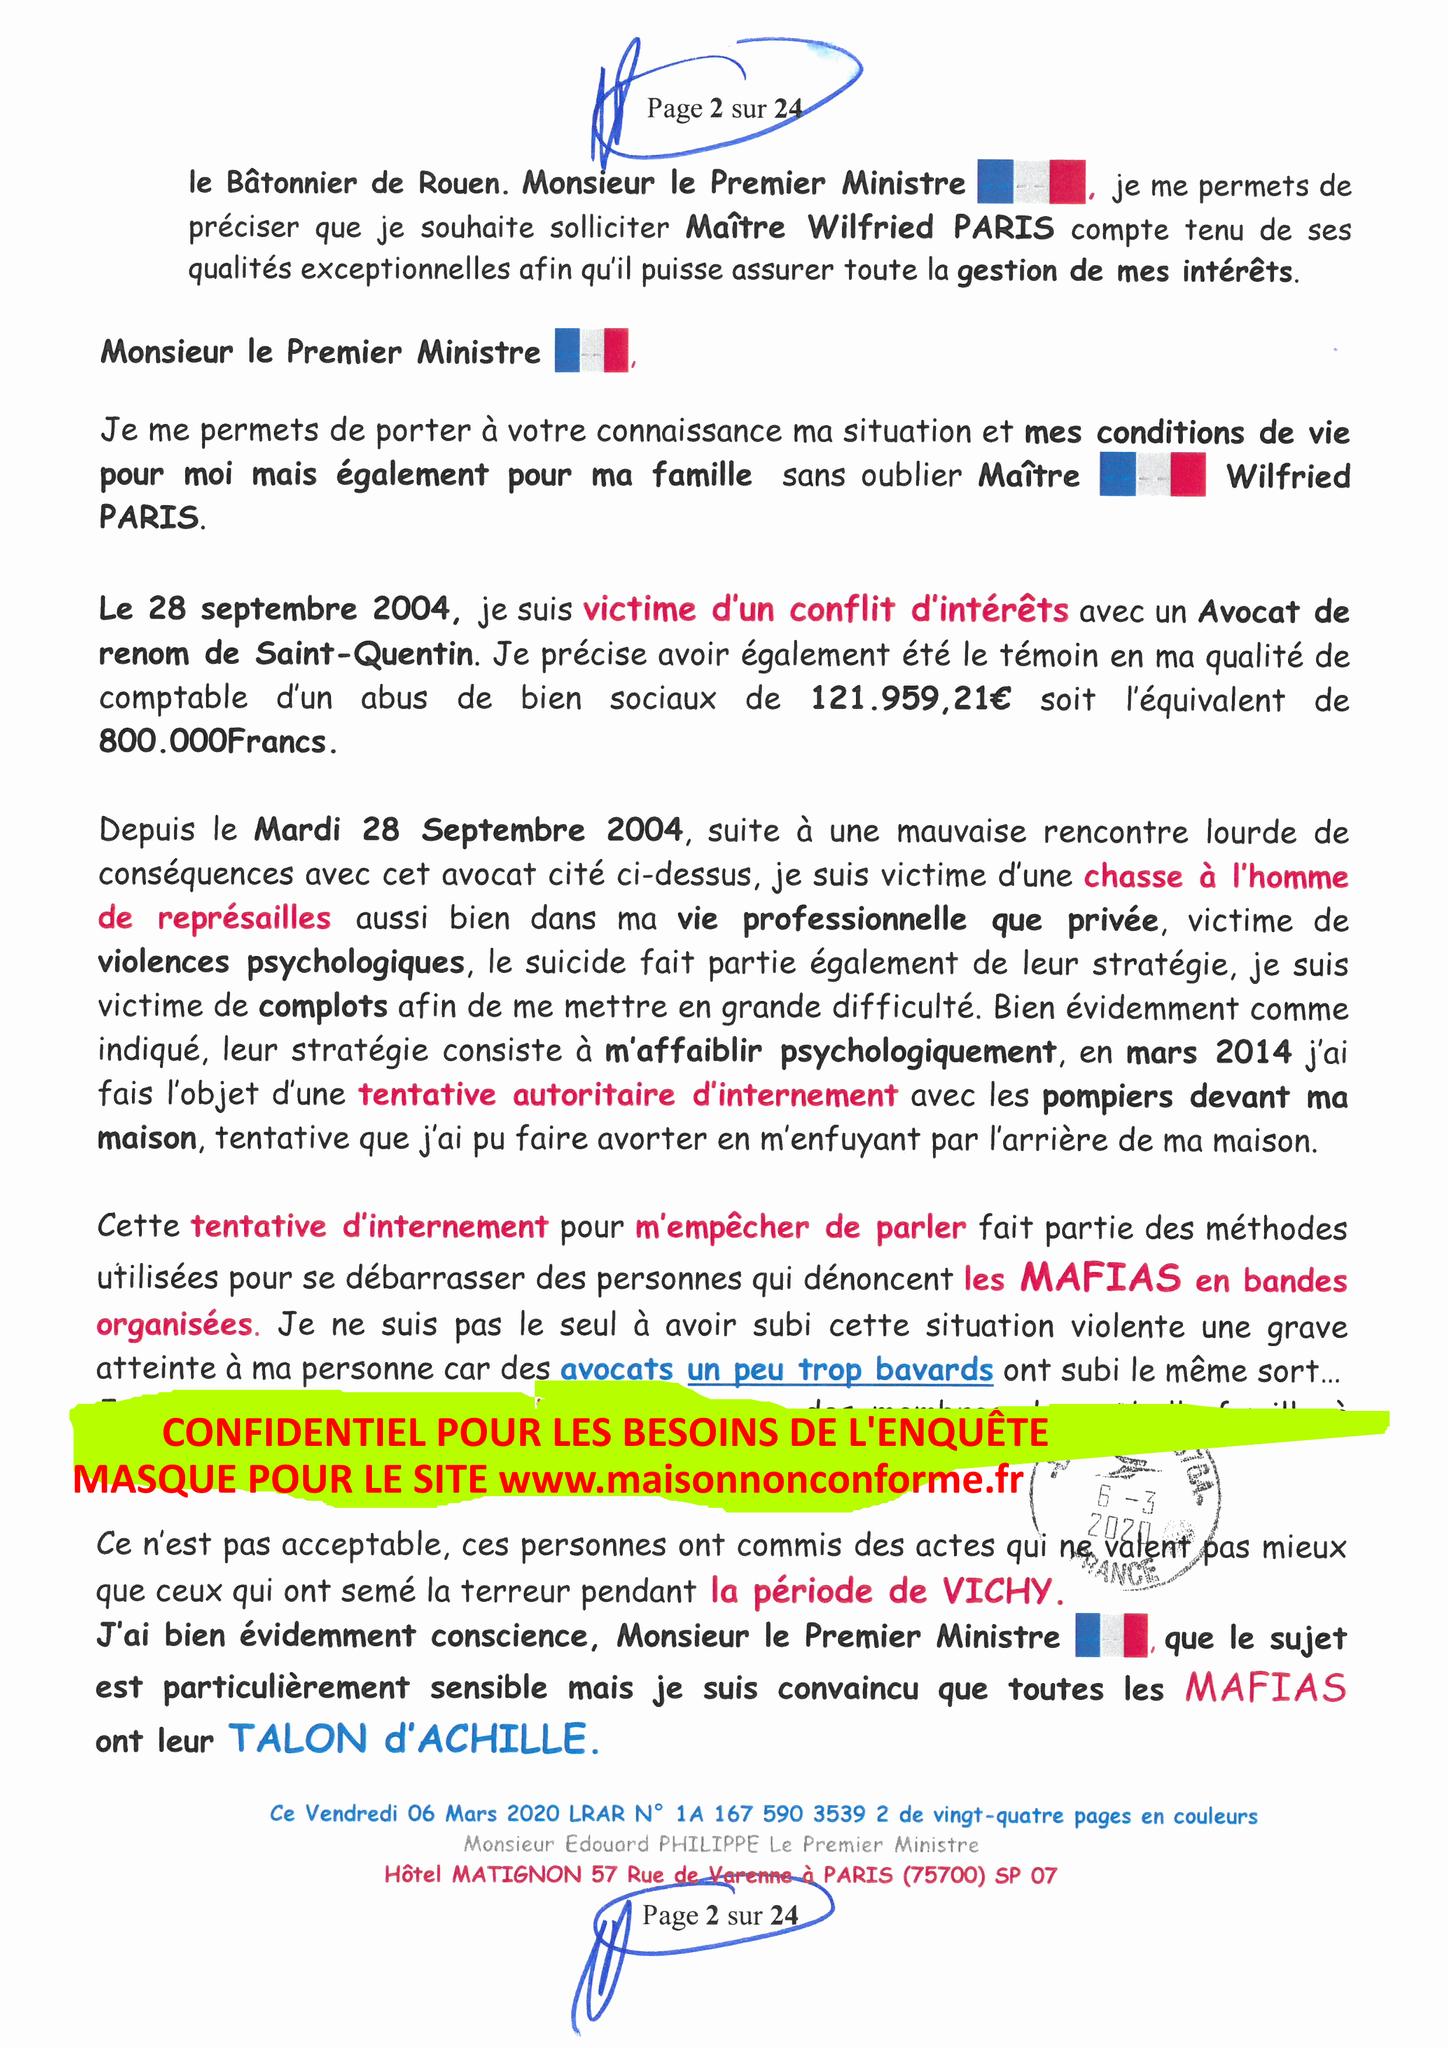 Ma LRAR à Monsieur le  Premier Ministre Edouard PHILIPPE N° 1A 167 590 3539 2 Page 2 sur 24 en Couleur du 06 Mars 2020  www.jesuispatrick.fr www.jesuisvictime.fr www.alerte-rouge-france.fr